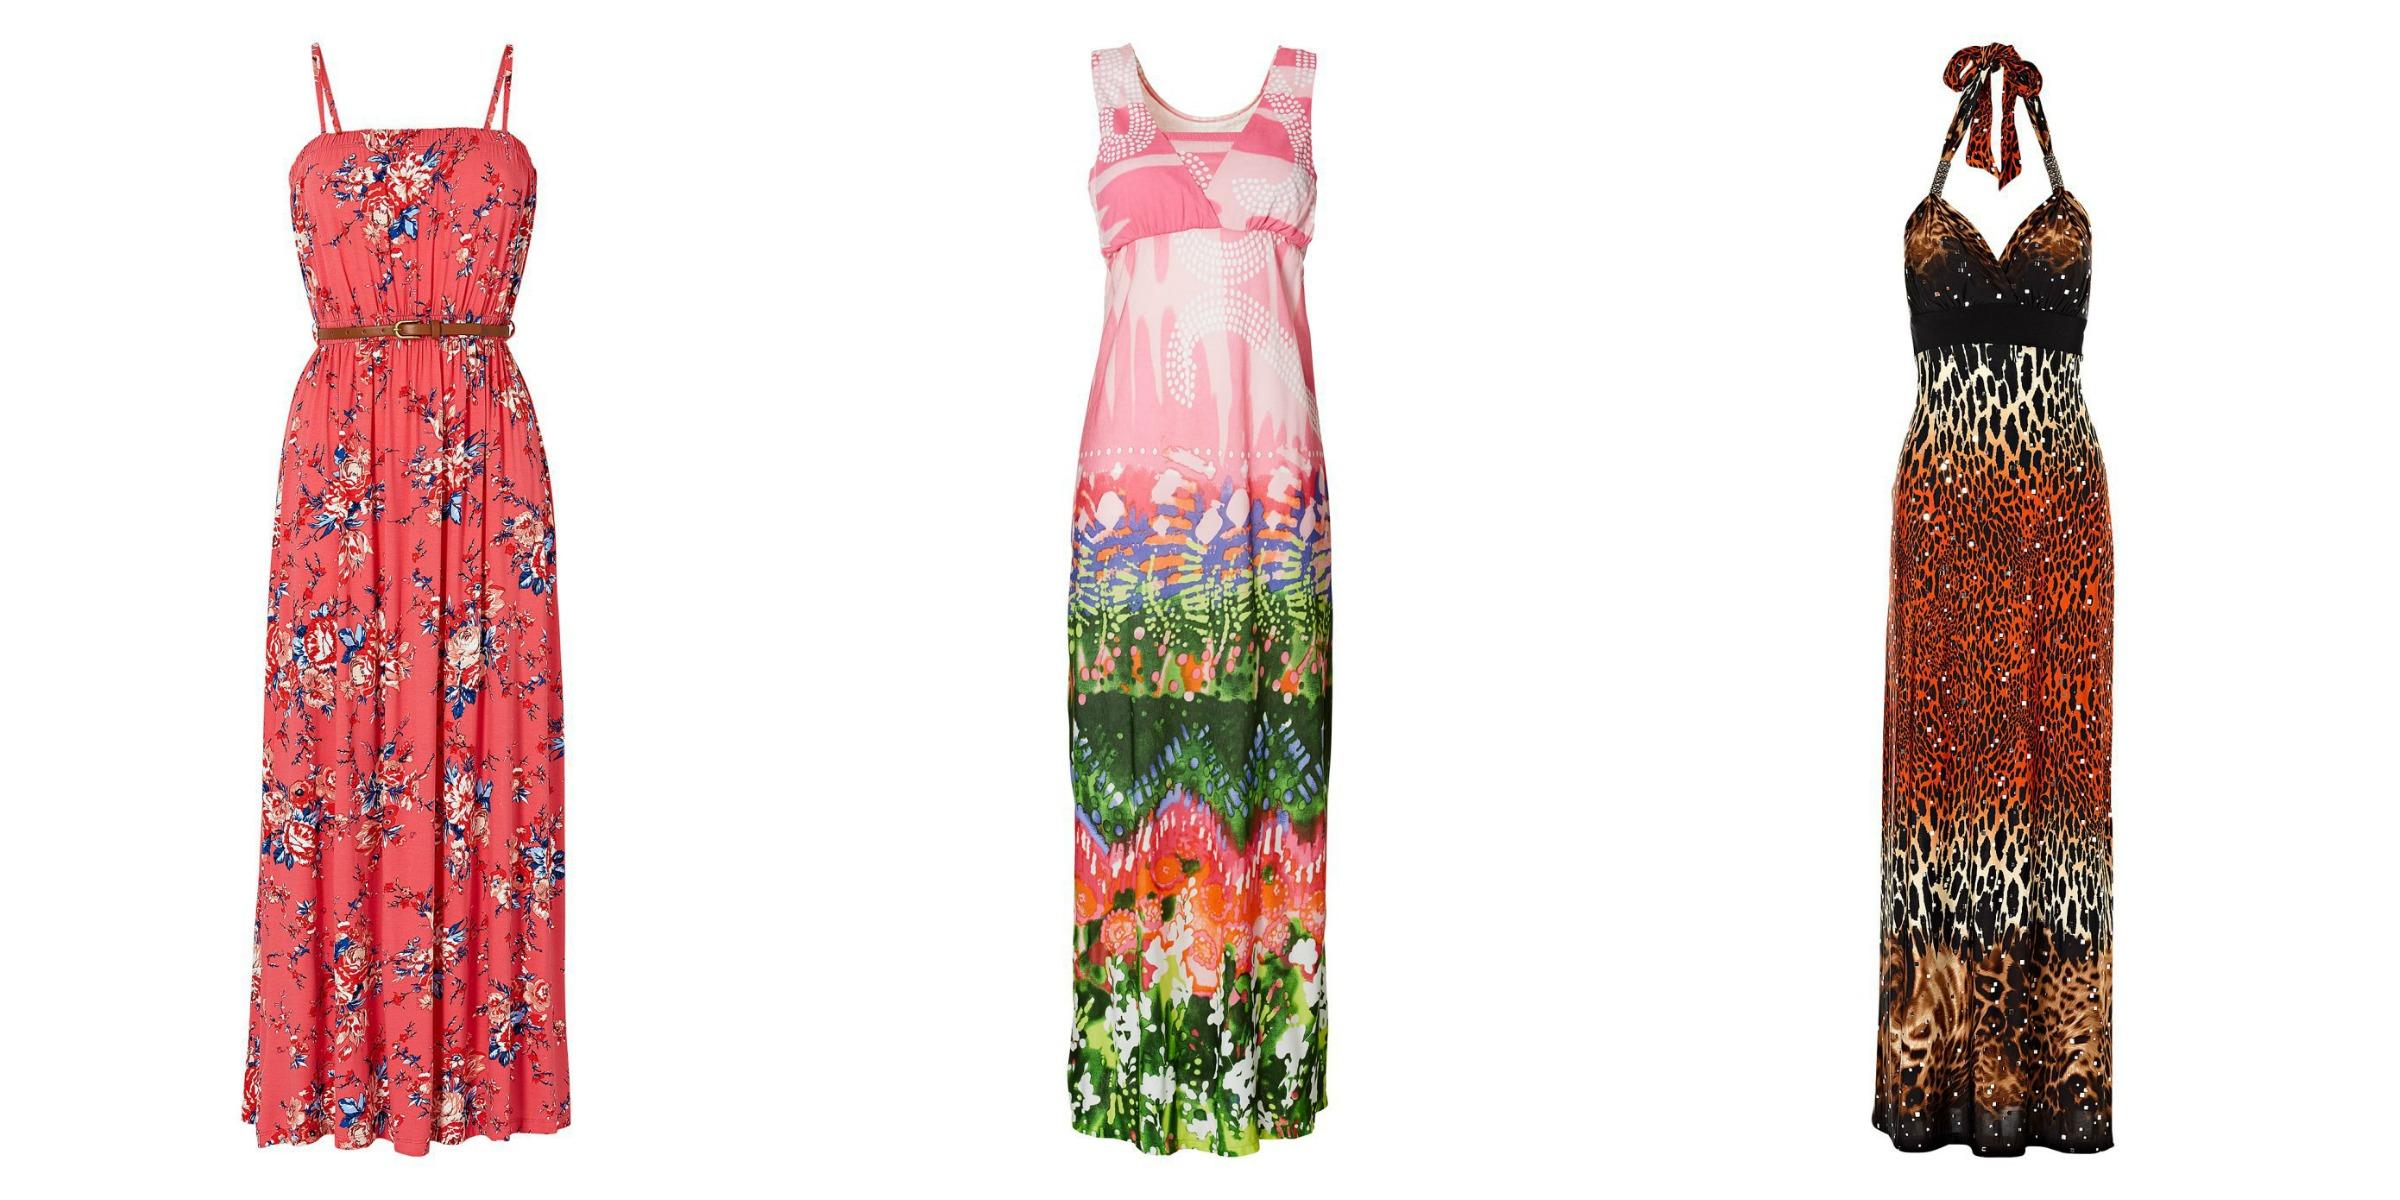 8b5ba62fef Trend  Maxi Dresses for Maxi-mum Impact - bonprix The blog